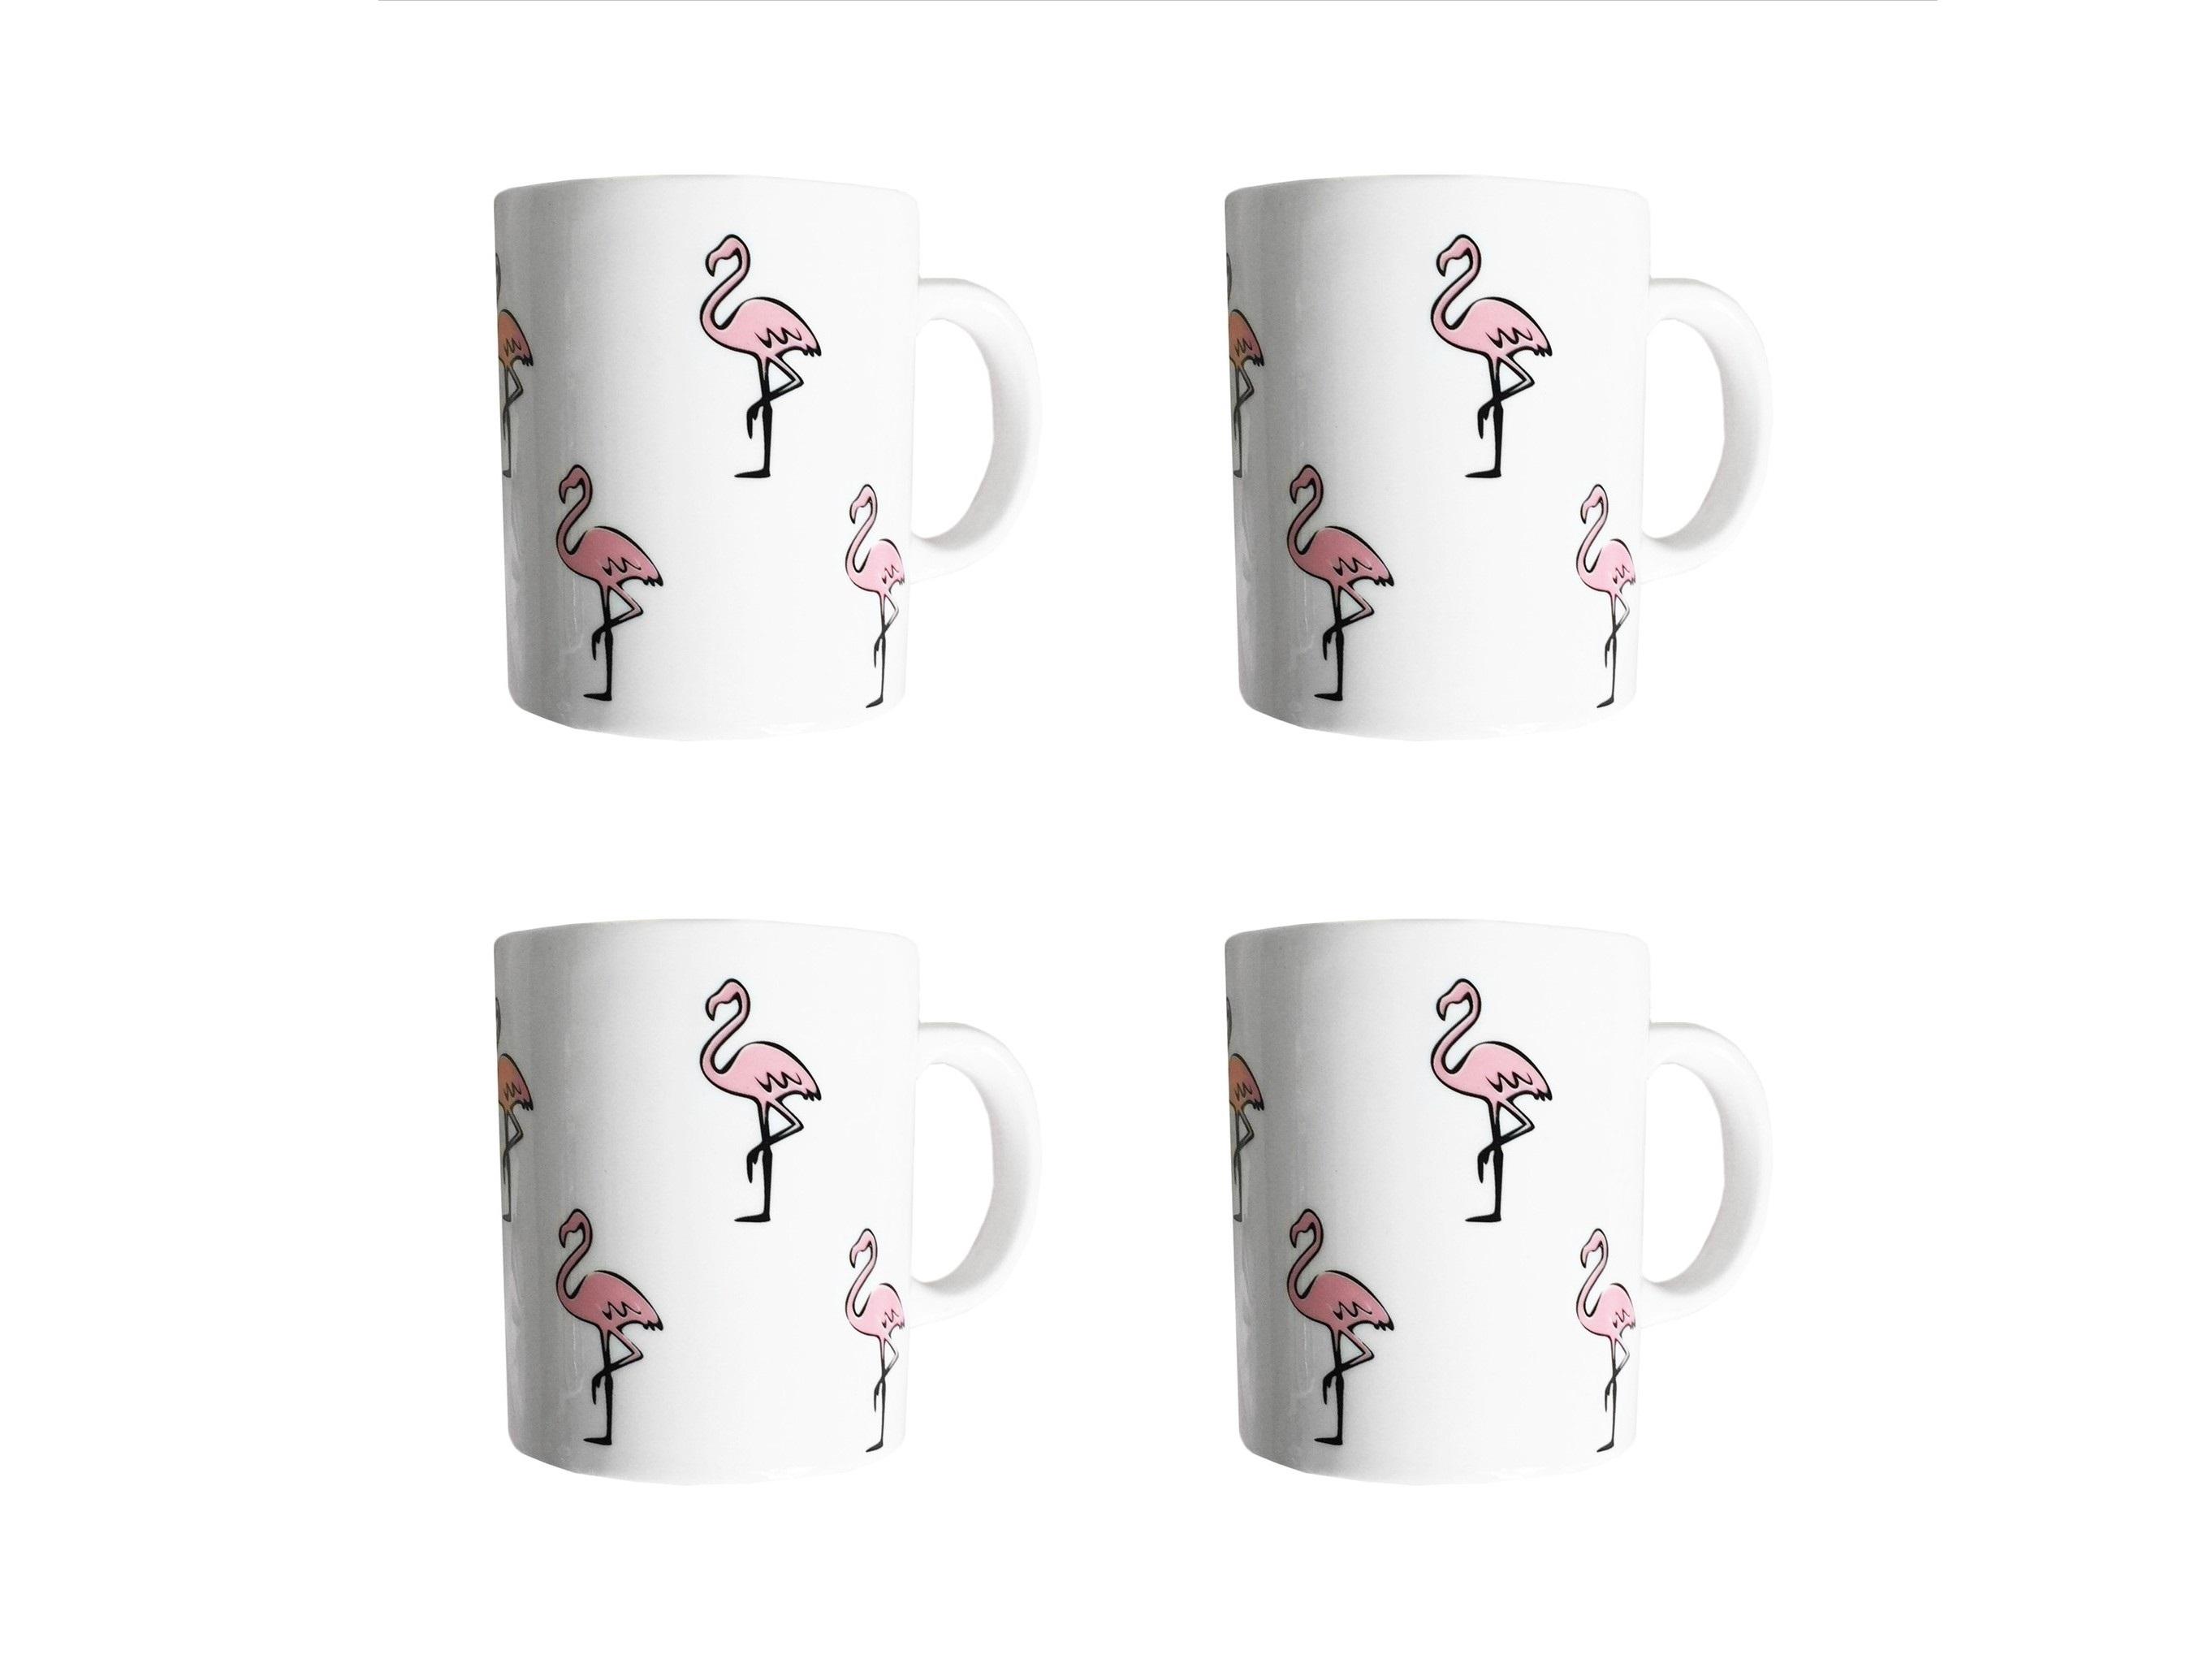 Набор кружек Розовый фламинго (4 шт)Чайные пары, чашки и кружки<br>Посуду можно использовать в микроволновой печи и посудомоечной машине.&amp;amp;nbsp;&amp;lt;div&amp;gt;&amp;lt;br&amp;gt;&amp;lt;/div&amp;gt;&amp;lt;div&amp;gt;В комплект входят: Кружка 300 мл - 4 шт.&amp;lt;/div&amp;gt;<br><br>Material: Фарфор<br>Высота см: 9